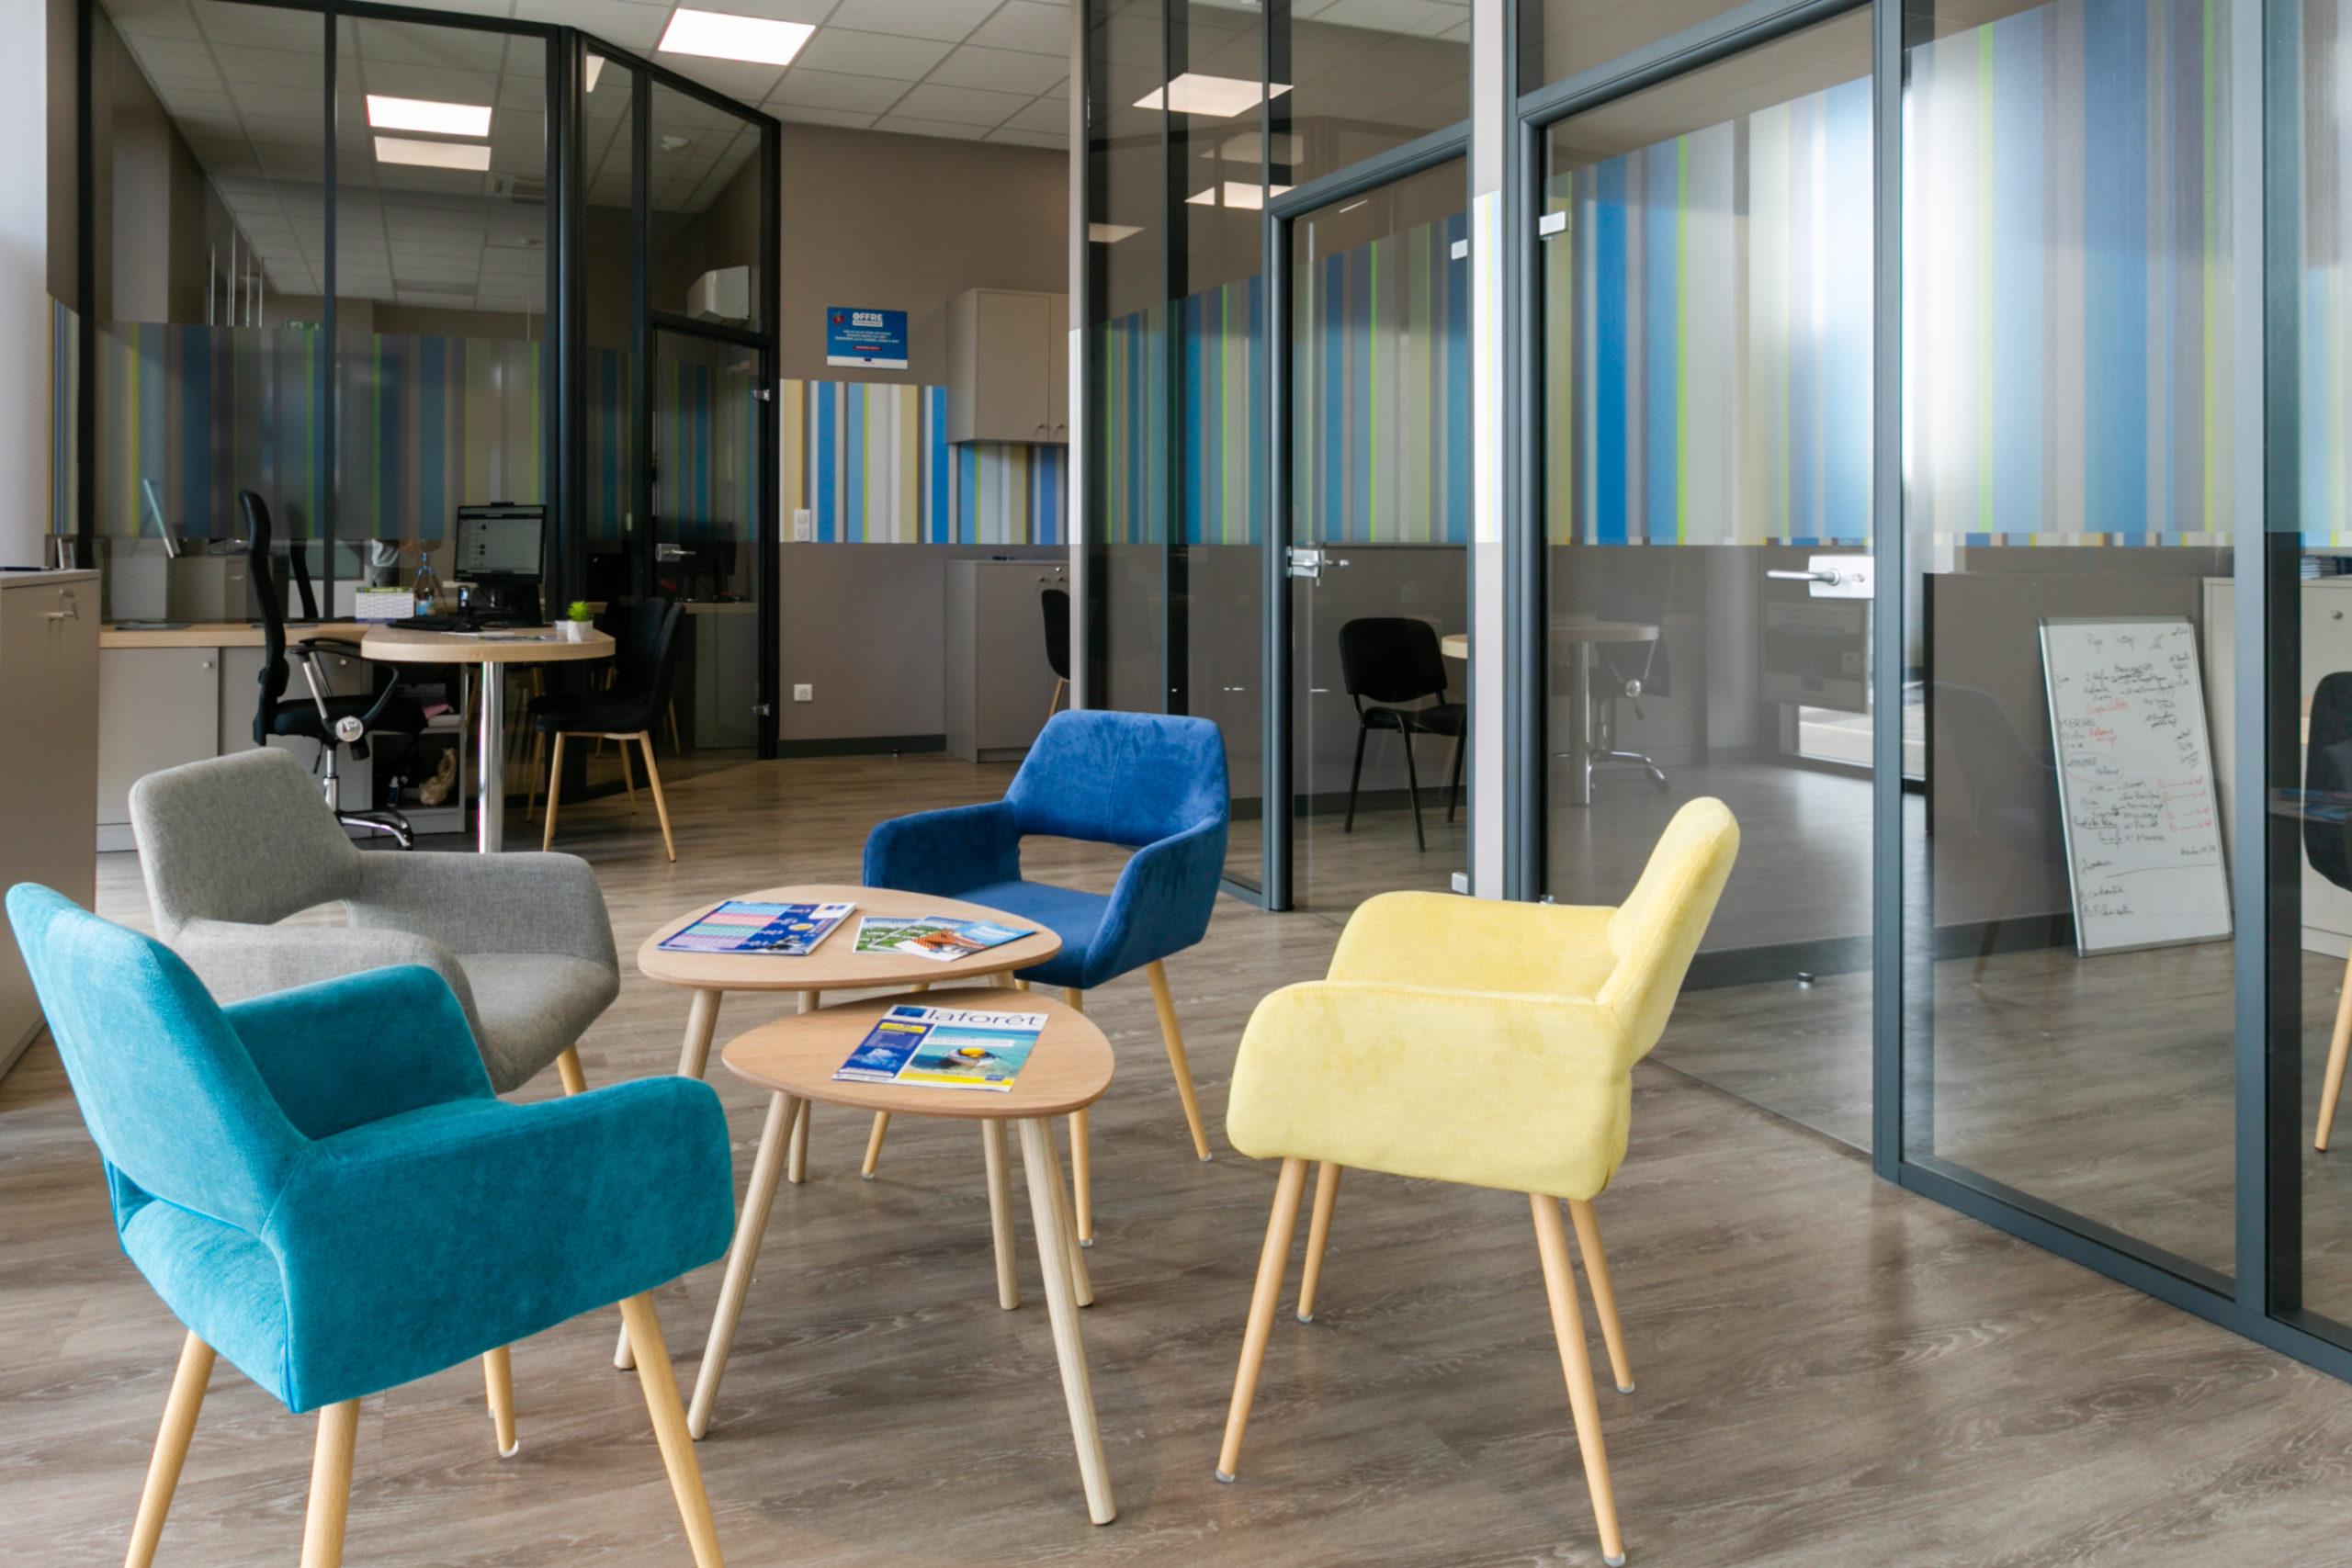 Atelier-Plurielles-Architectures-aménagement-bureau-Tarnos-salle attente